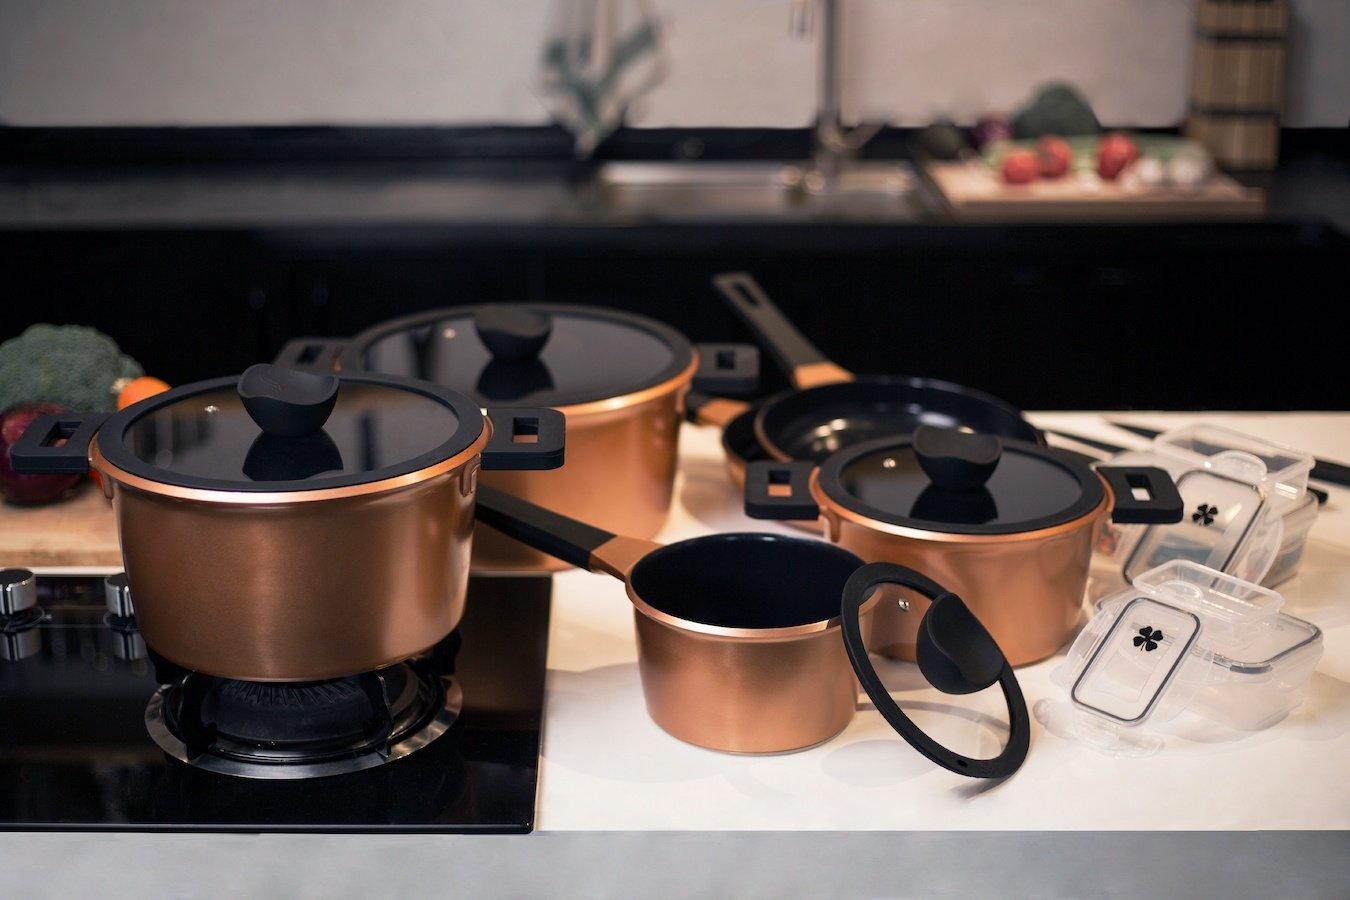 Prachtige koperen pannenset staande op een een keukenplaat en fornuis